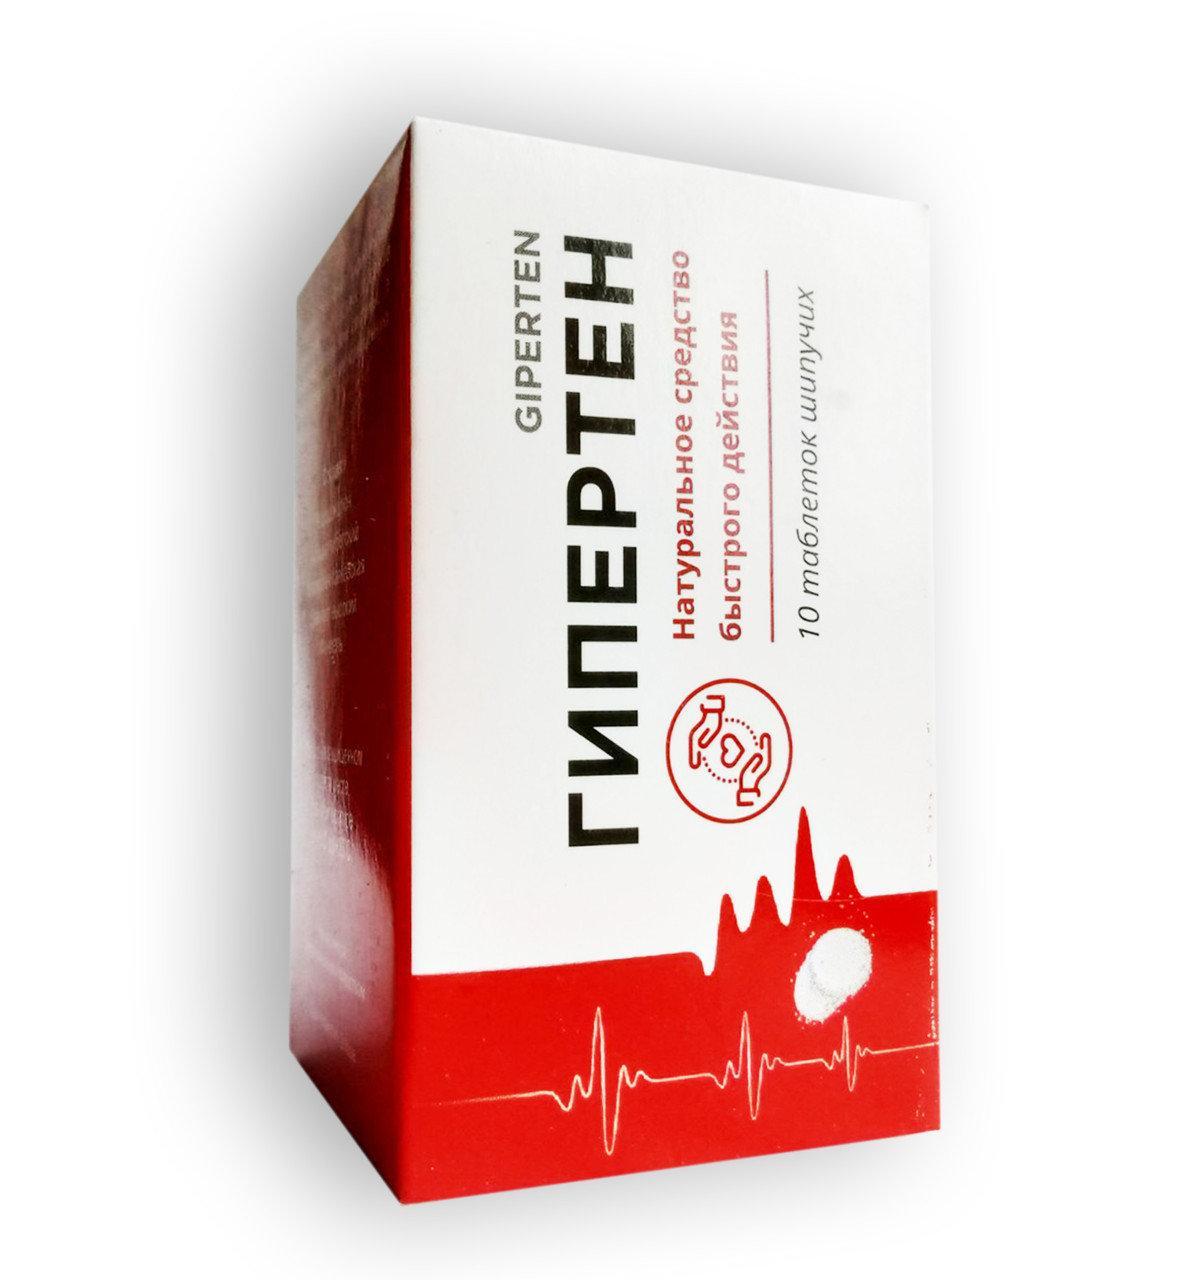 Гипертен - Шипучие таблетки от давления